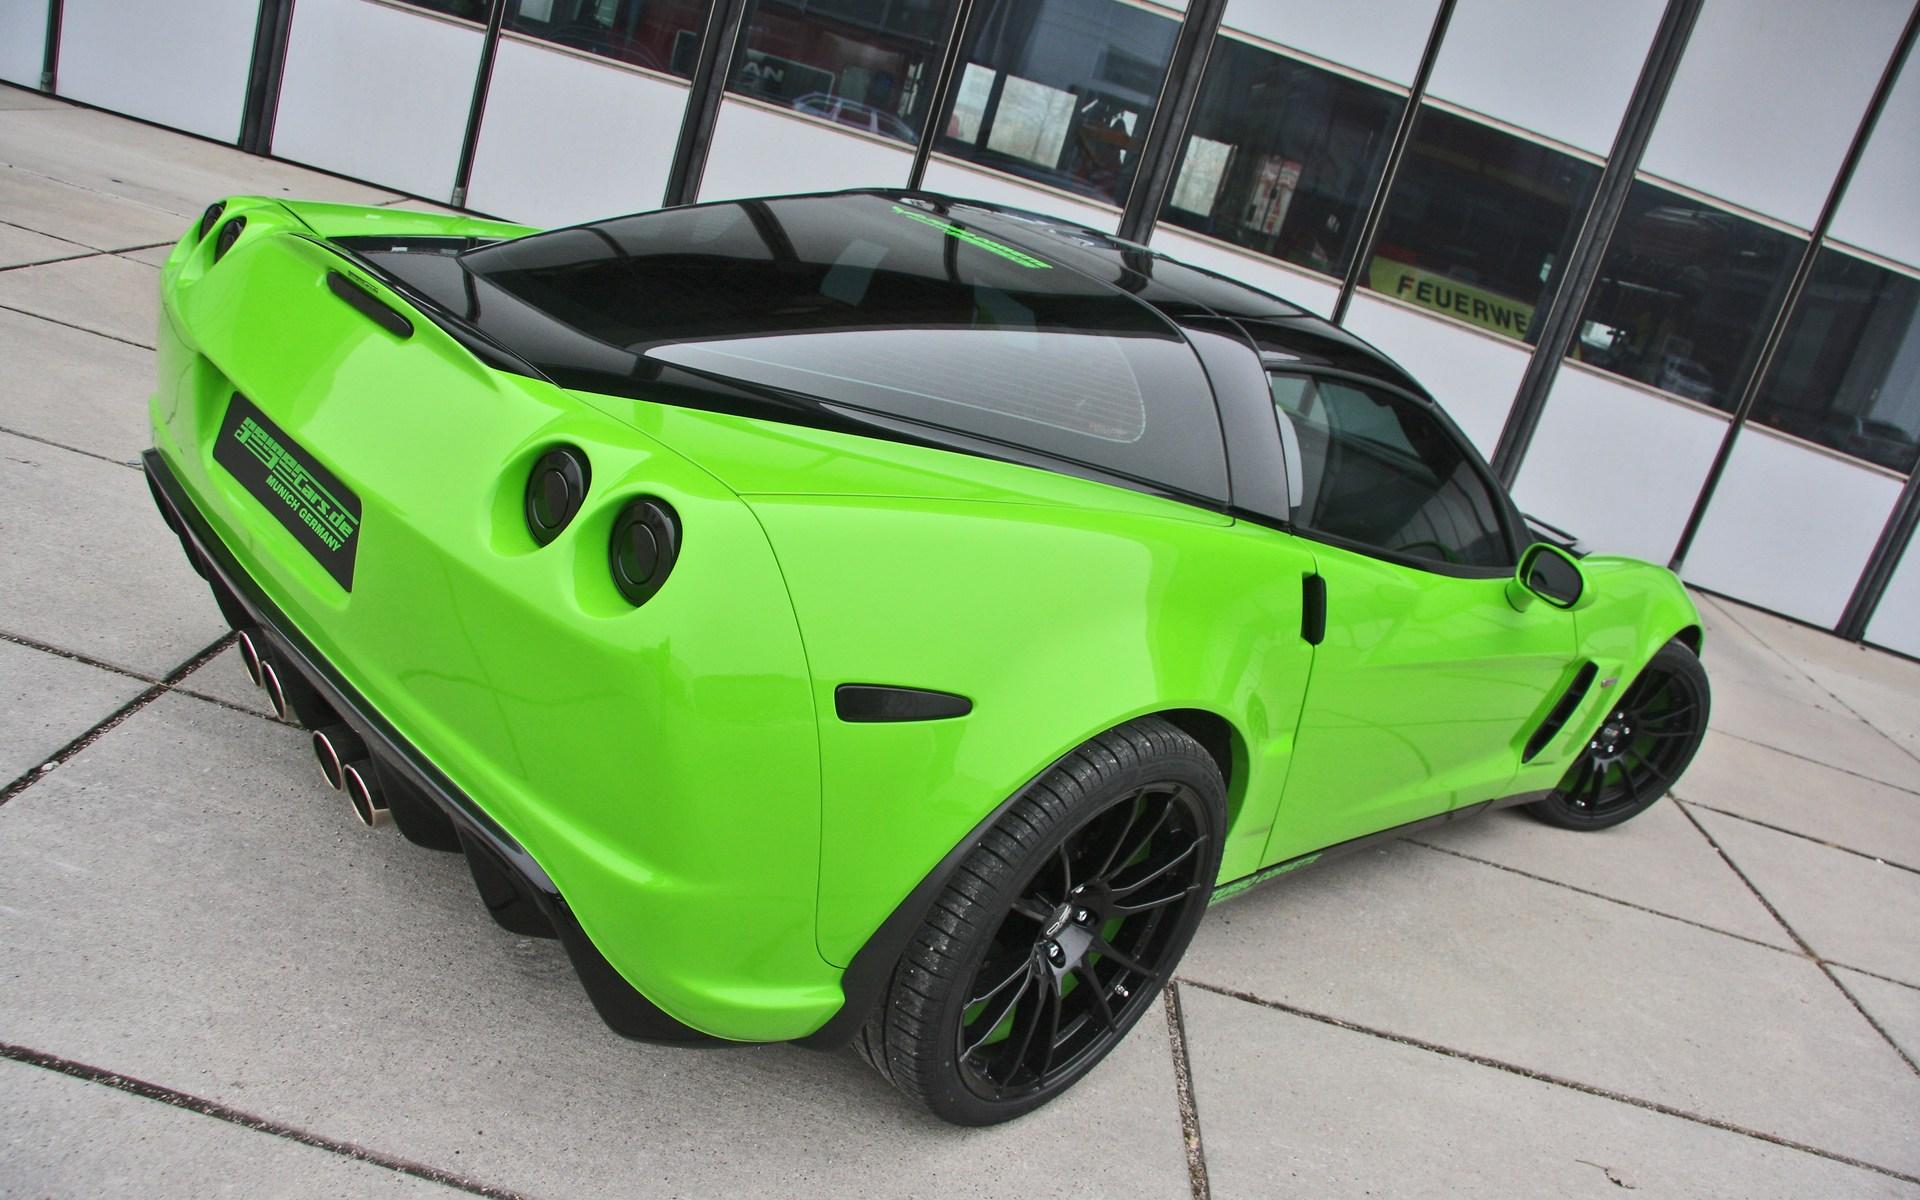 Green Super car wallpaper, скачать фото, суперкар, гоночный авто, обои на рабочий стол